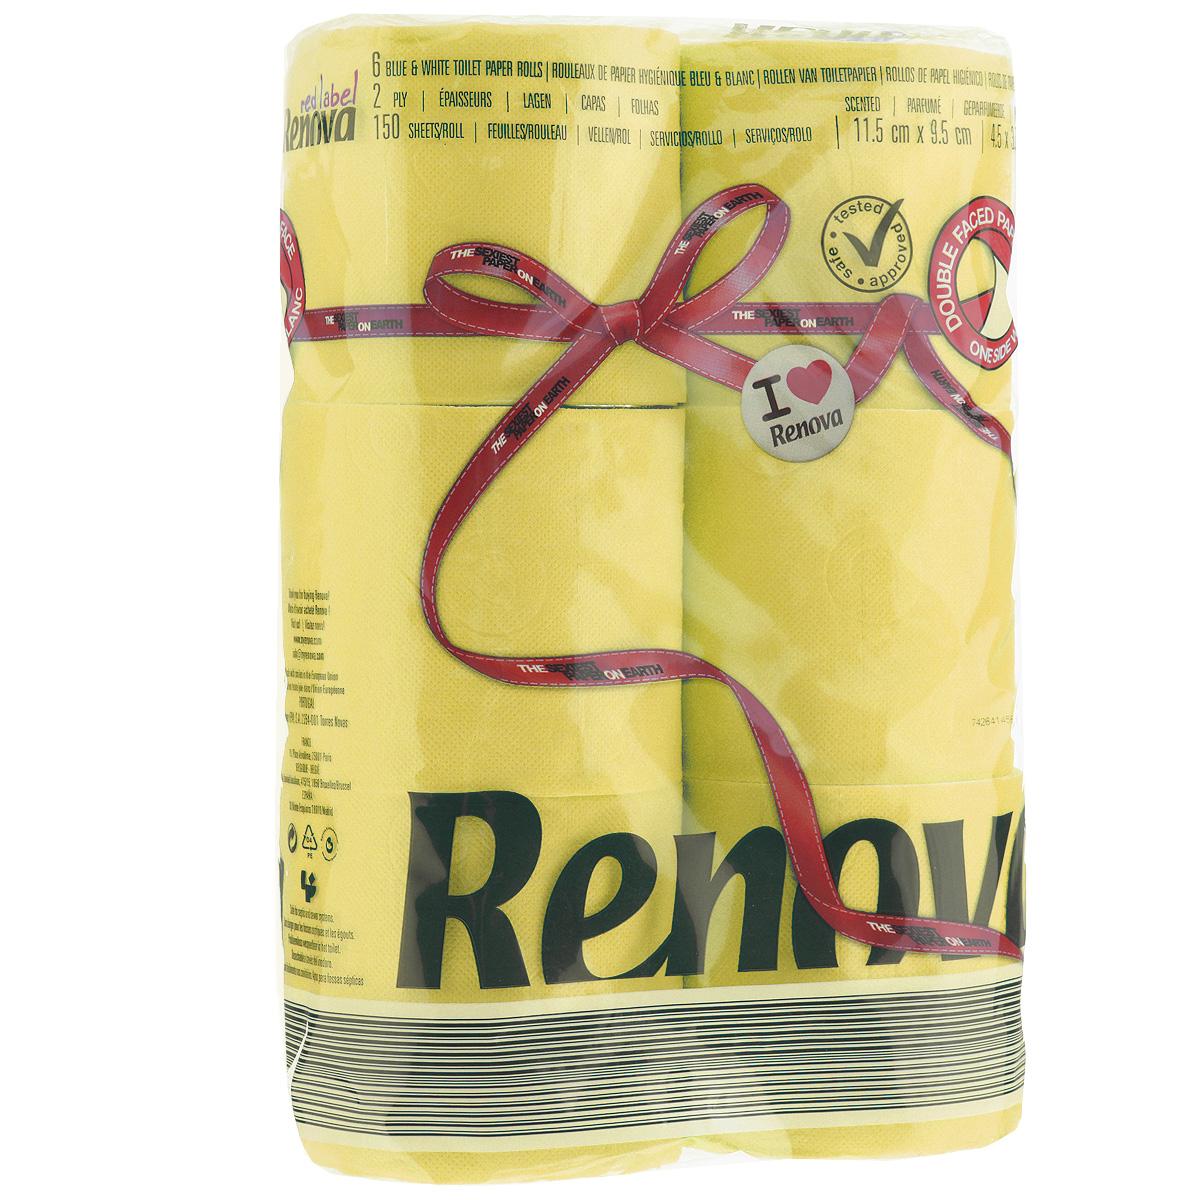 Туалетная бумага Renova, двухслойная, ароматизированная, цвет: желтый, 6 рулонов200066927Туалетная бумага Renova изготовлена по новейшей технологии из 100% ароматизированной целлюлозы, благодаря чему она имеет тонкий аромат, очень мягкая, нежная, но в тоже время прочная. Эксклюзивная двухсторонняя туалетная бумага Renova  экстрамодного цвета, придаст вашему туалету оригинальность. Состав: 100% ароматизированная целлюлоза. Количество листов: 150 шт. Количество слоев: 2. Размер листа: 11,5 см х 9,5 см. Количество рулонов: 6 шт. Португальская компания Renova является ведущим разработчиком новейших технологий производства, нового стиля и направления на рынке гигиенической продукции. Современный дизайн и высочайшее качество, дерматологический контроль - это то, что выделяет компанию Renova среди других производителей бумажной санитарно-гигиенической продукции.